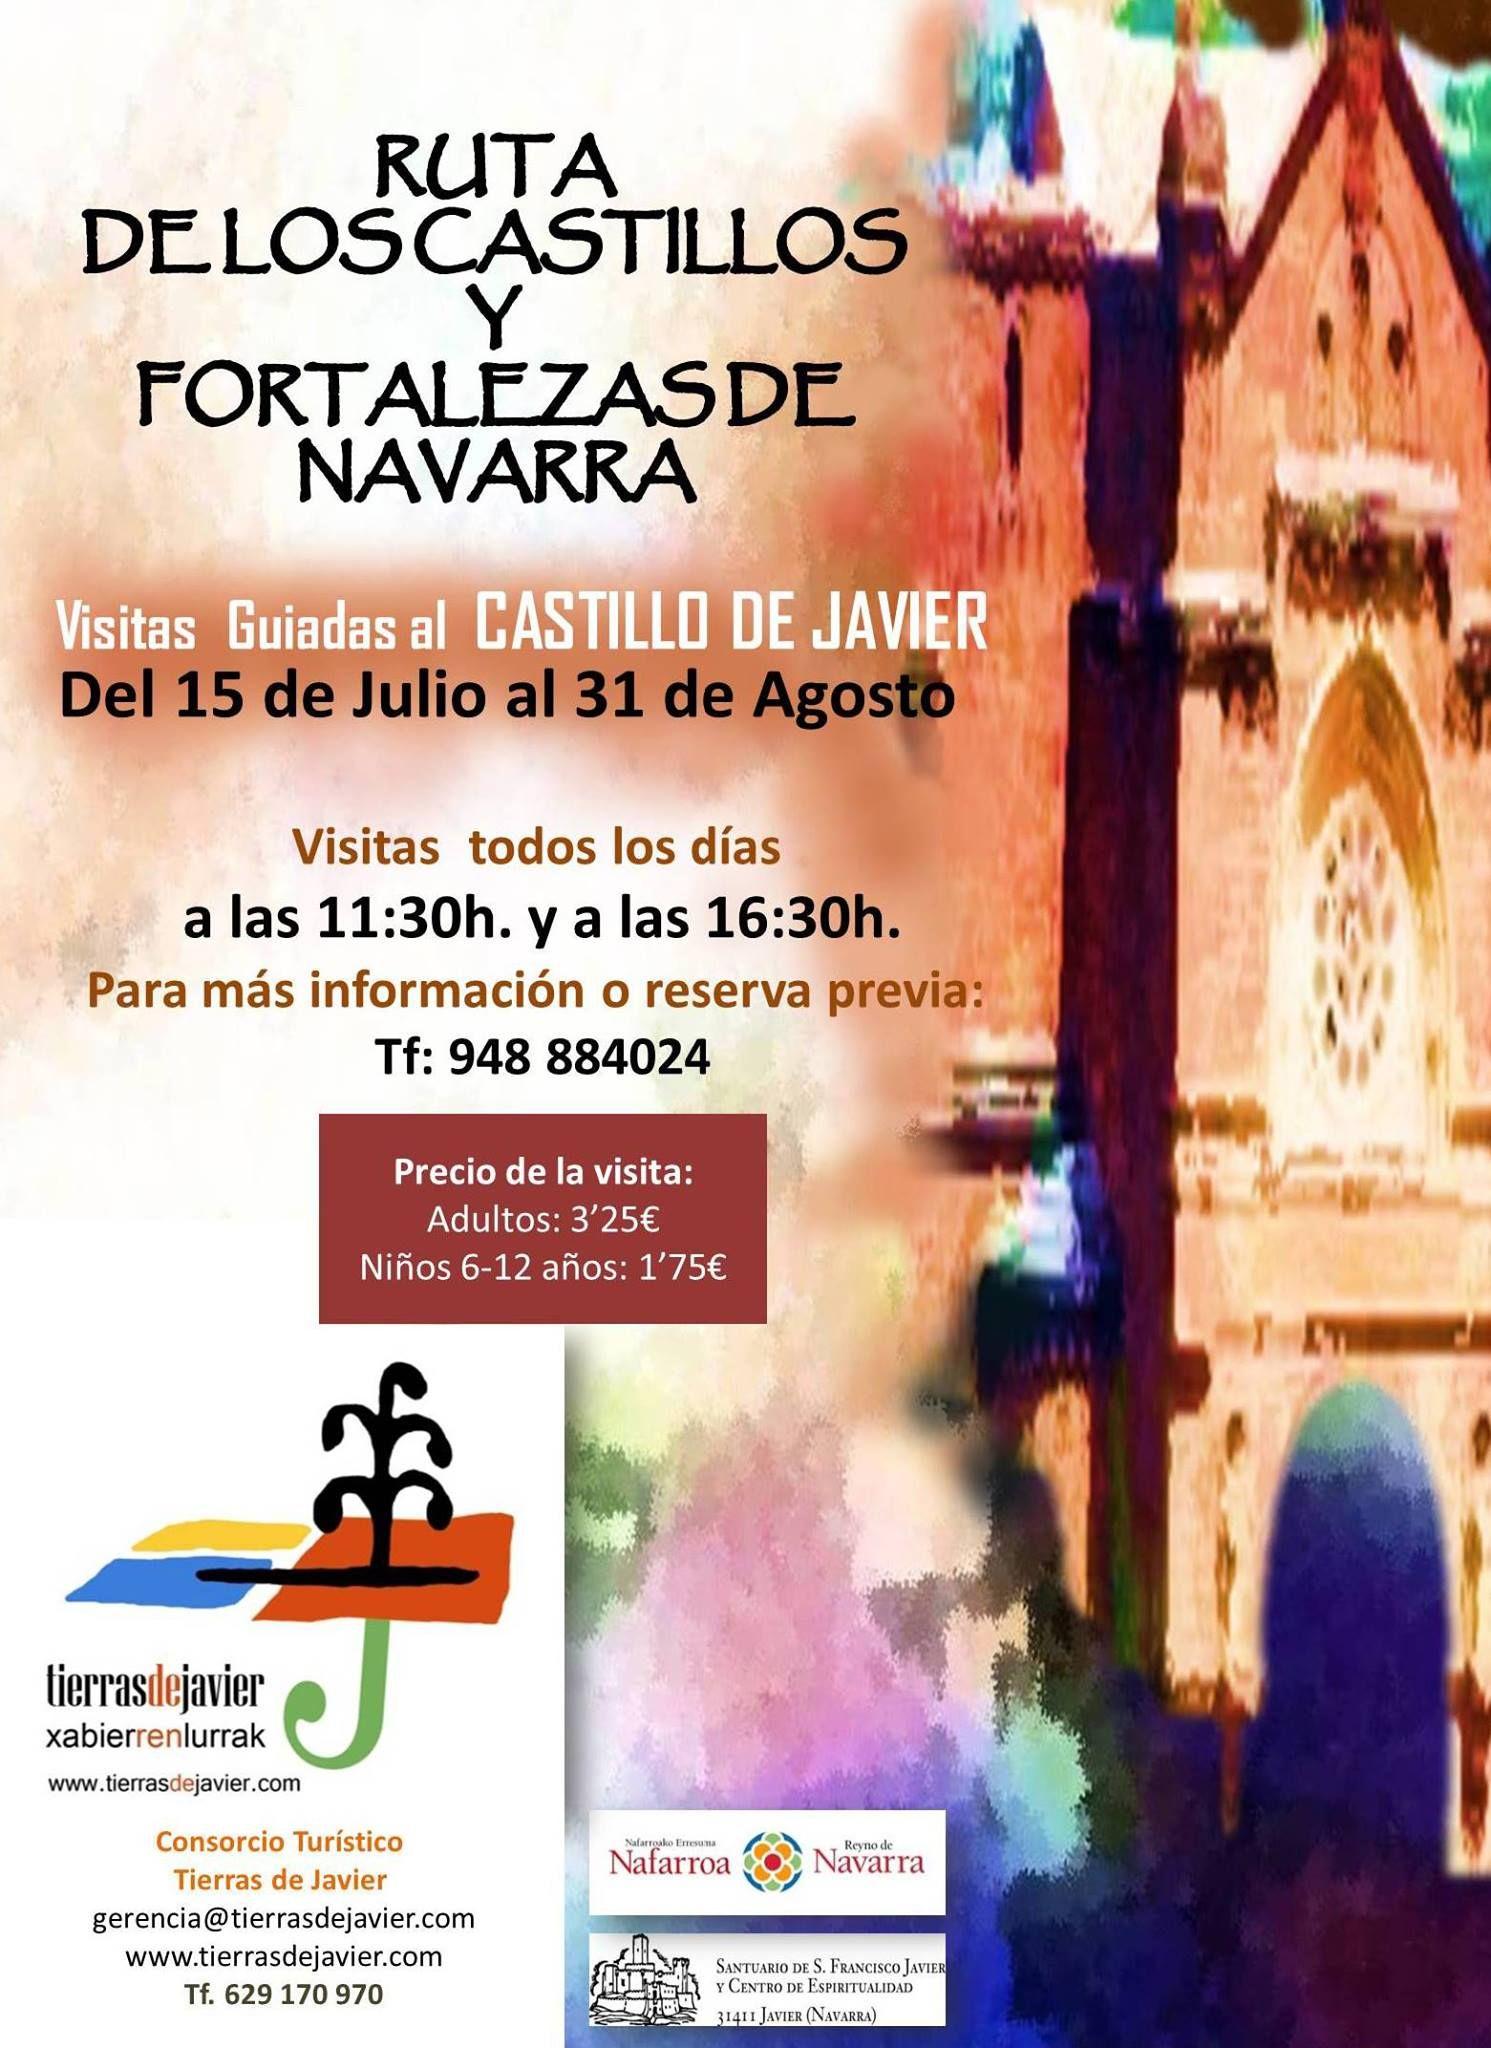 Visitas guiadas al Castillo de Javier, #Navarra ¿Quieres saber más? -> http://www.turismo.navarra.es/esp/organice-viaje/recurso/Patrimonio/3110/Castillo-de-Javier.htm